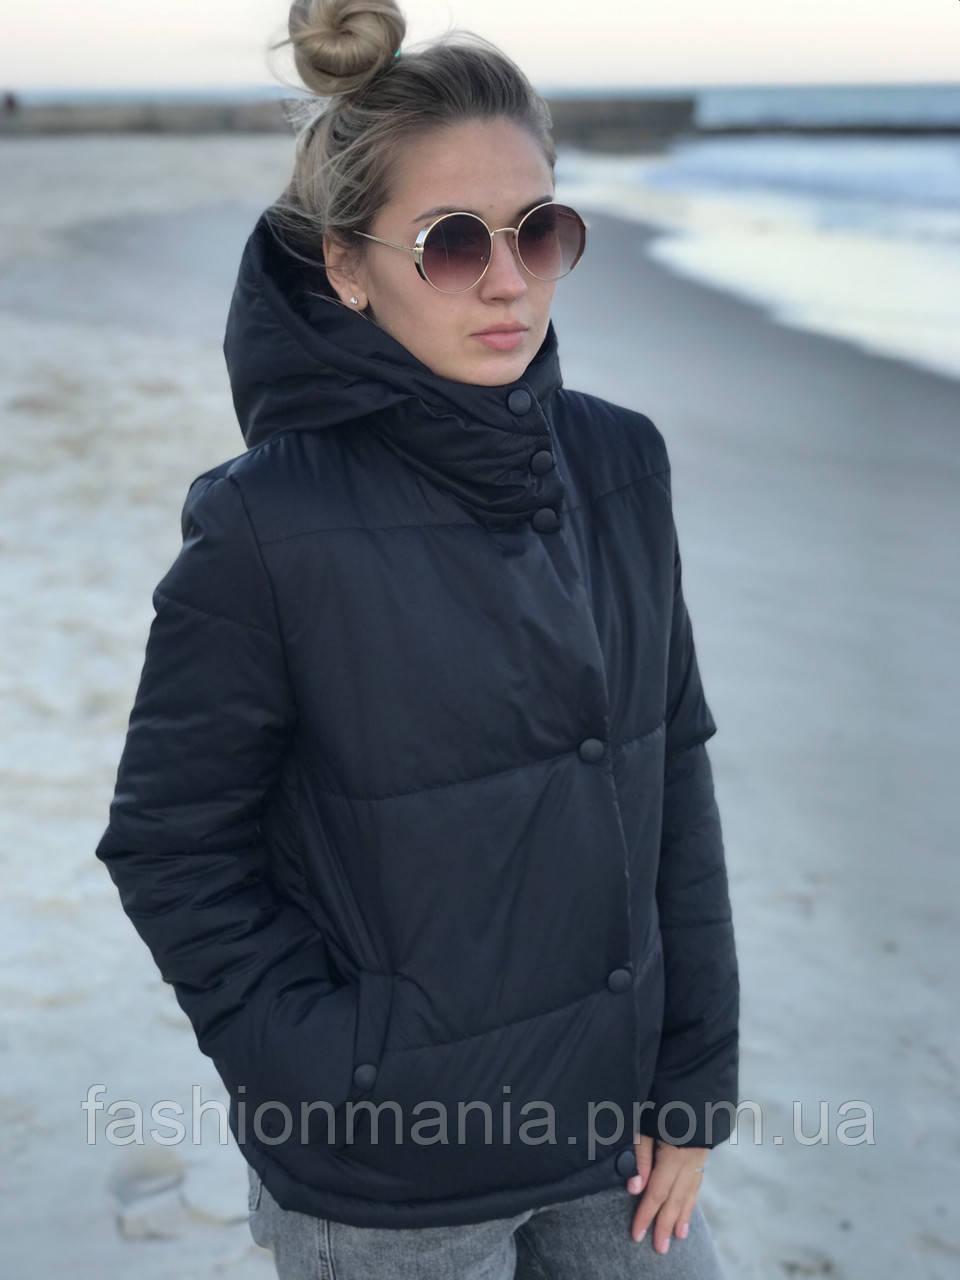 Курточка женская с капюшоном теплая